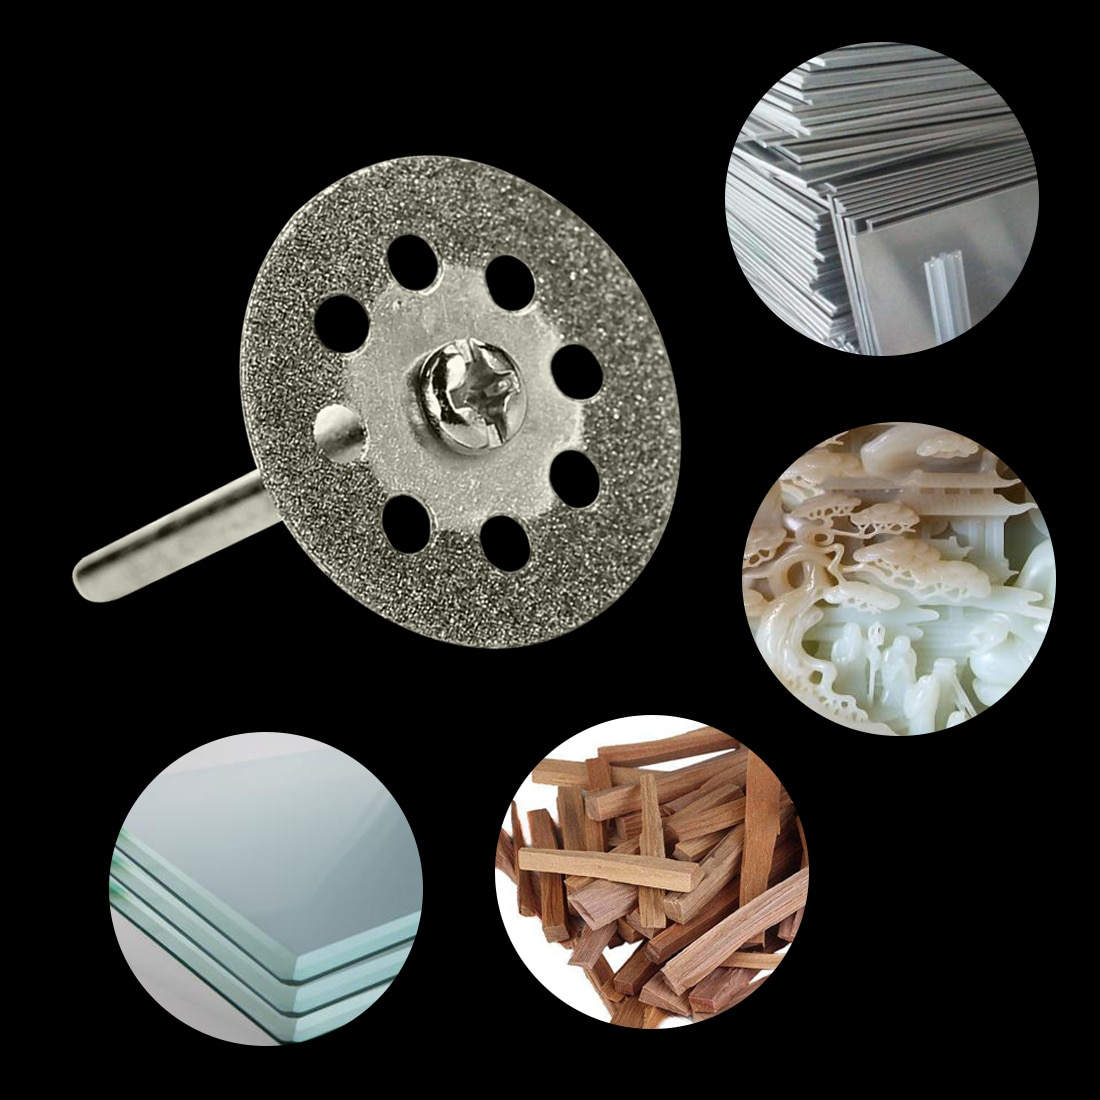 Juego de herramientas 10 piezas / 5 piezas Dremel muela abrasiva de - Herramientas abrasivas - foto 6